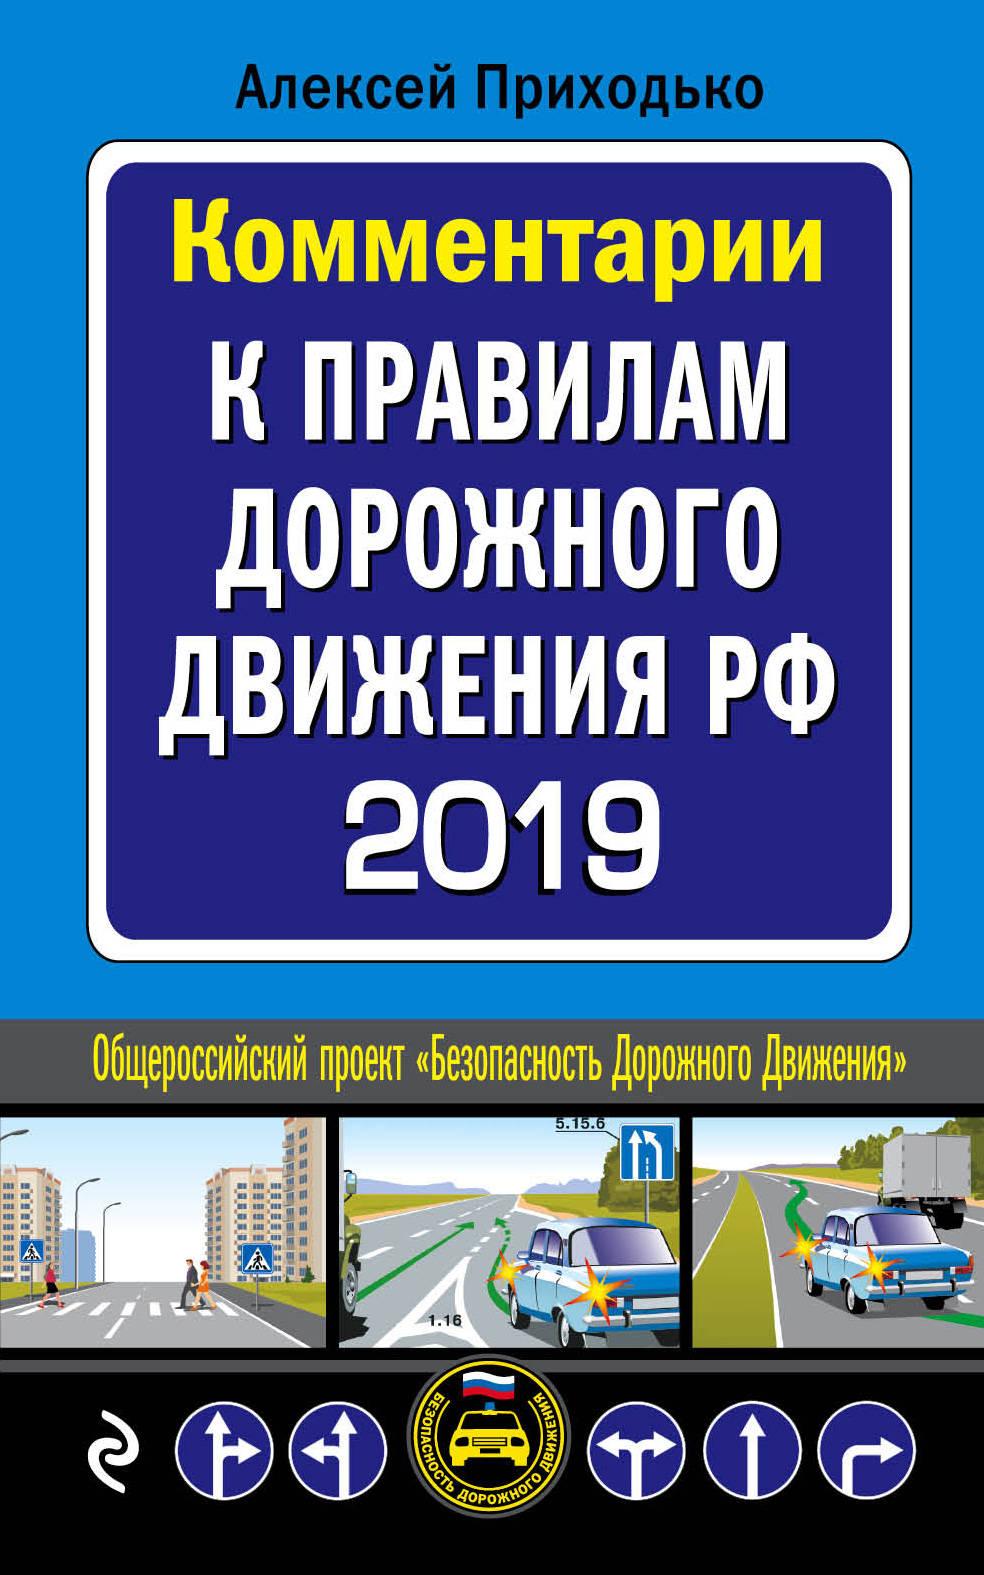 Комментарии к Правилам дорожного движения РФ с последними изменениями на 2019 г.